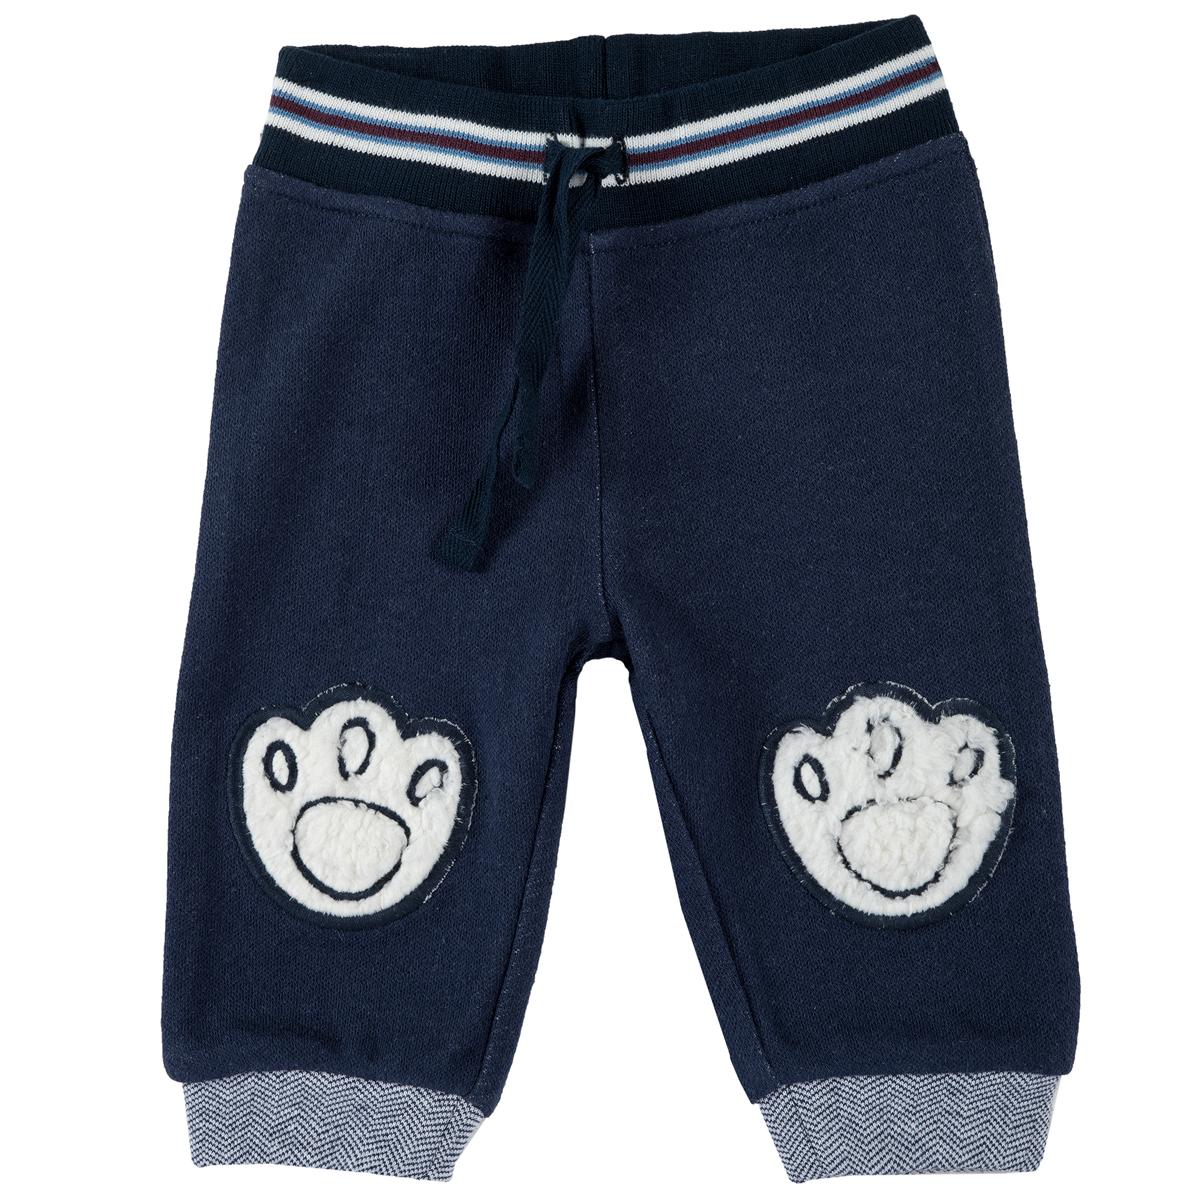 Pantaloni lungi sport copii Chicco, manseta elastica, 08021